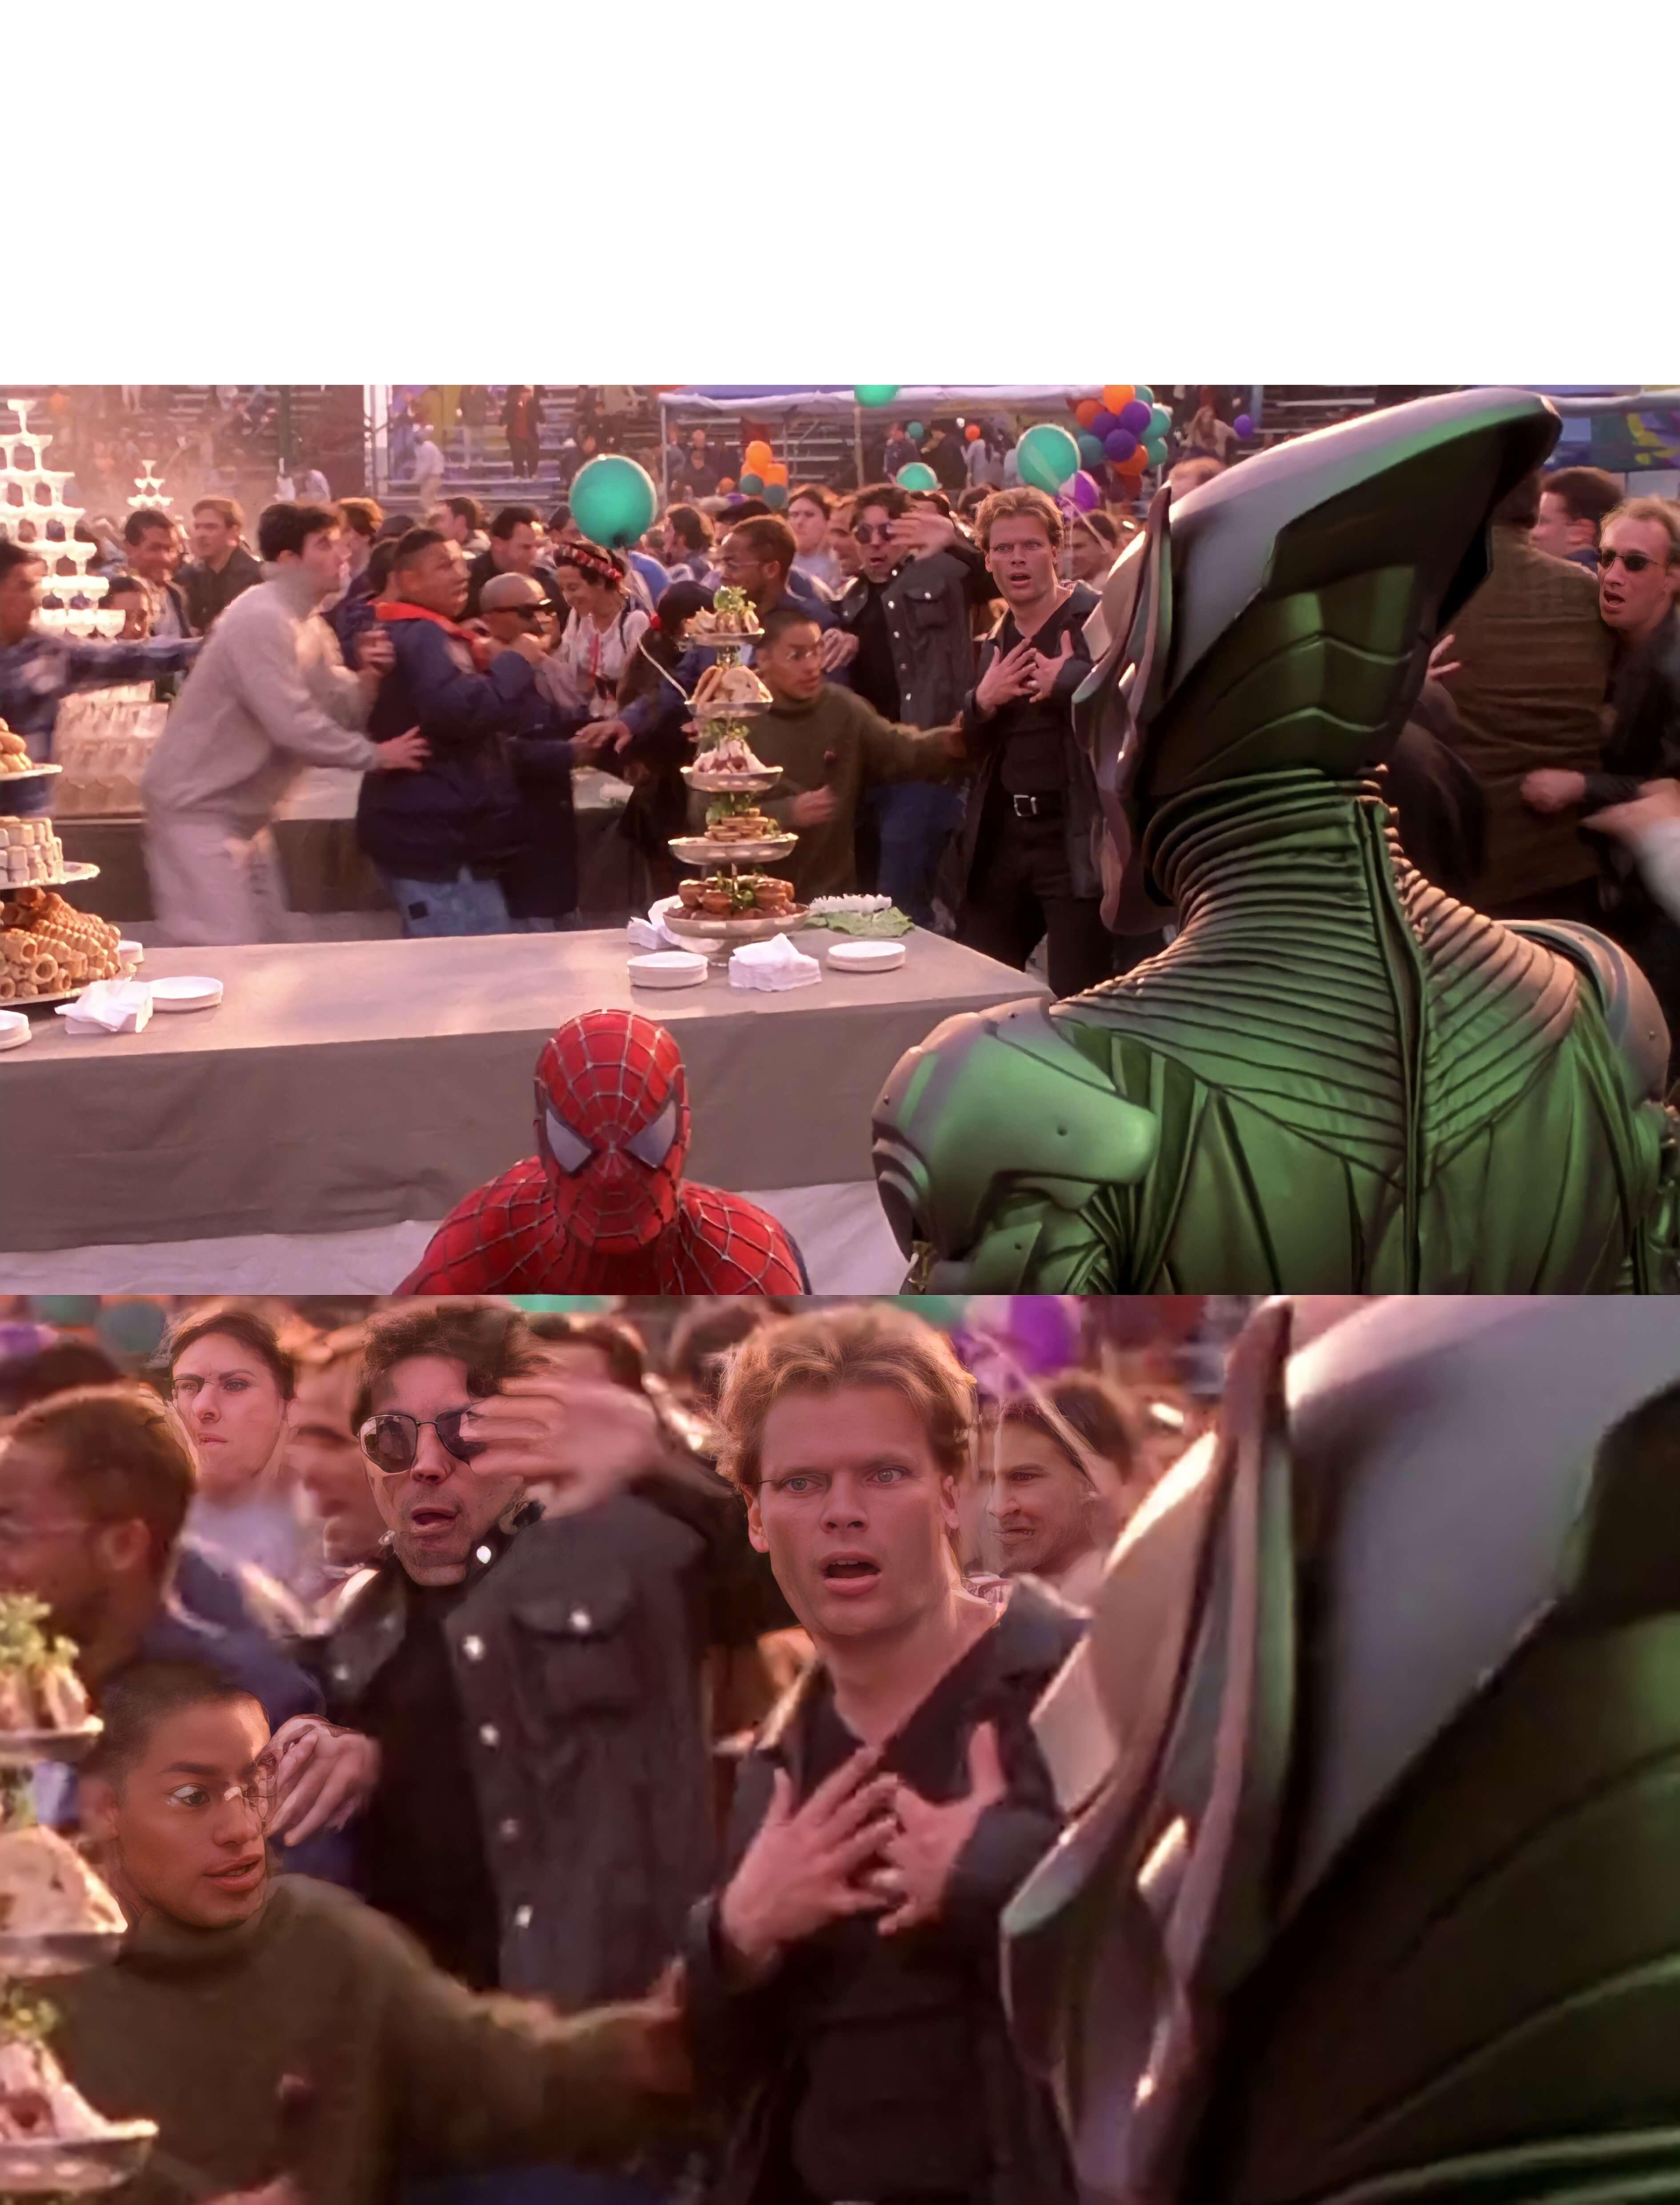 Plantilla de Duende Verde y Spider-Man | Hombre de fondo asustado